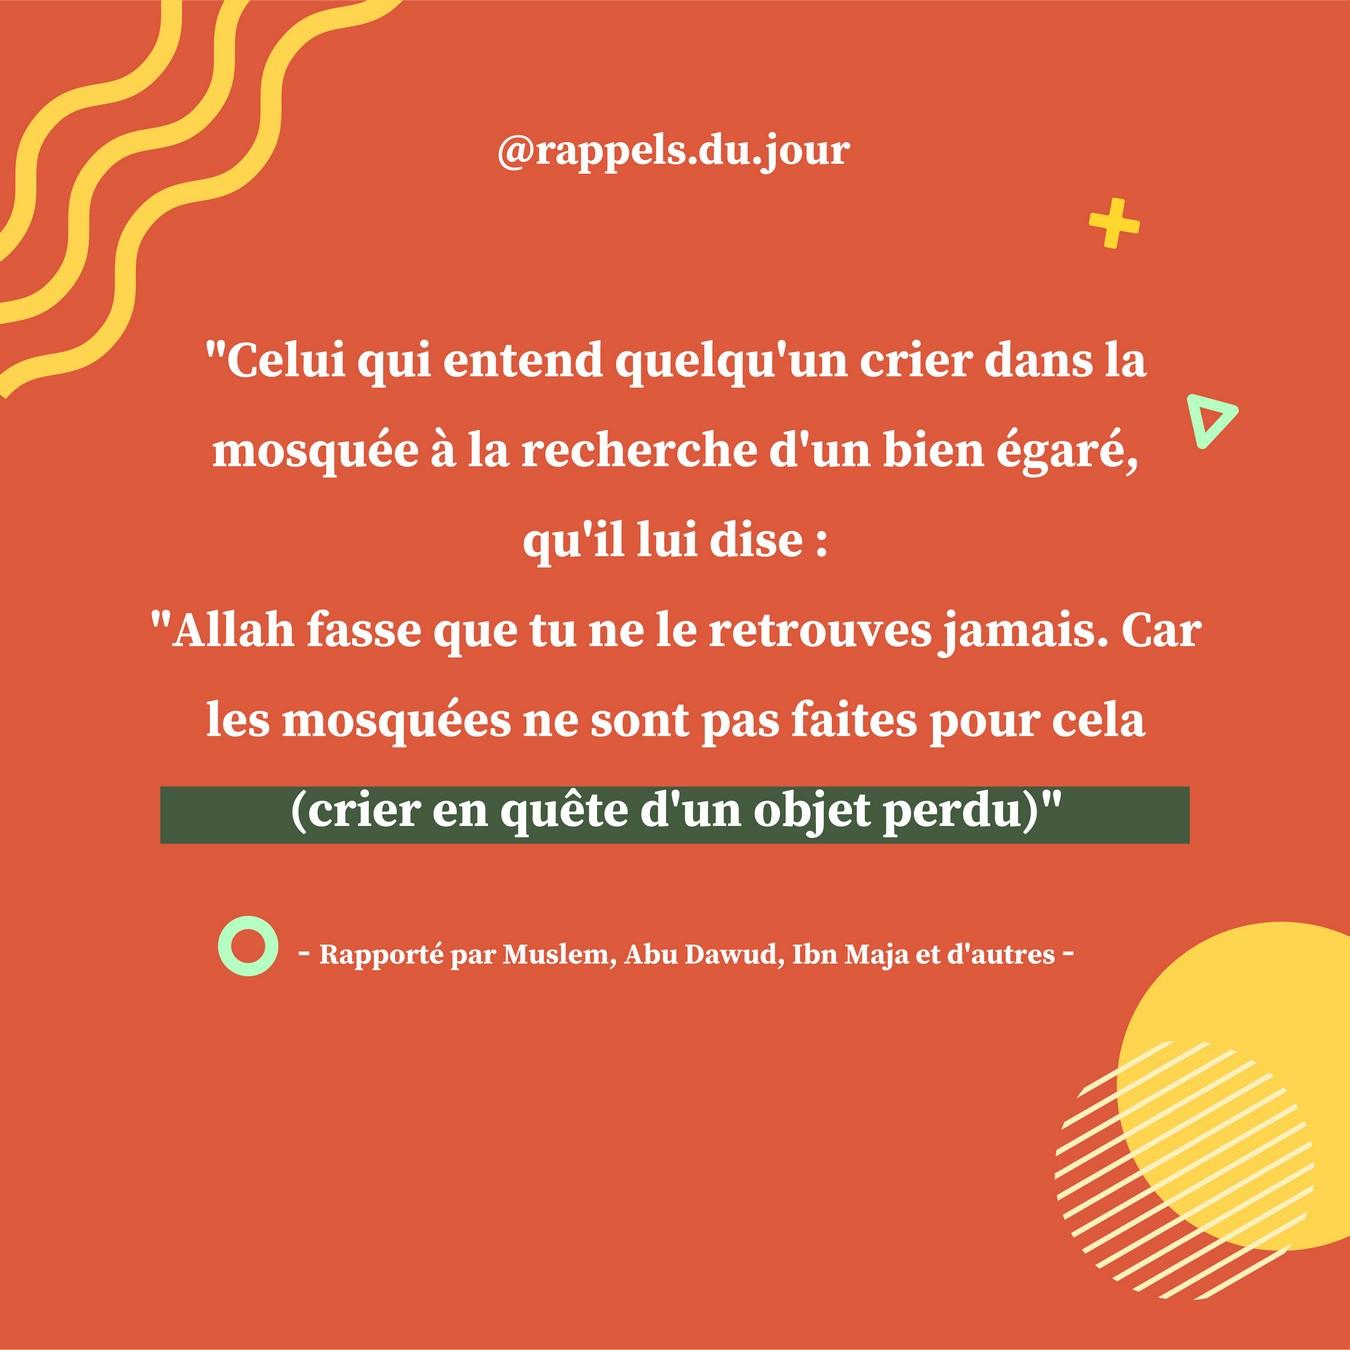 Hadith Abu Hurayra - Celui qui entend quelqu'un crier dans la mosquée